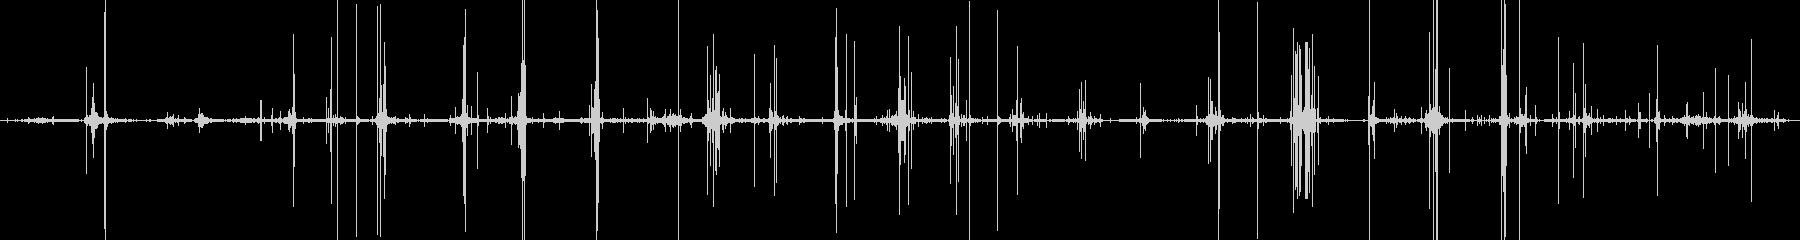 ASMR 枝を踏みしめる足音 環境音の未再生の波形